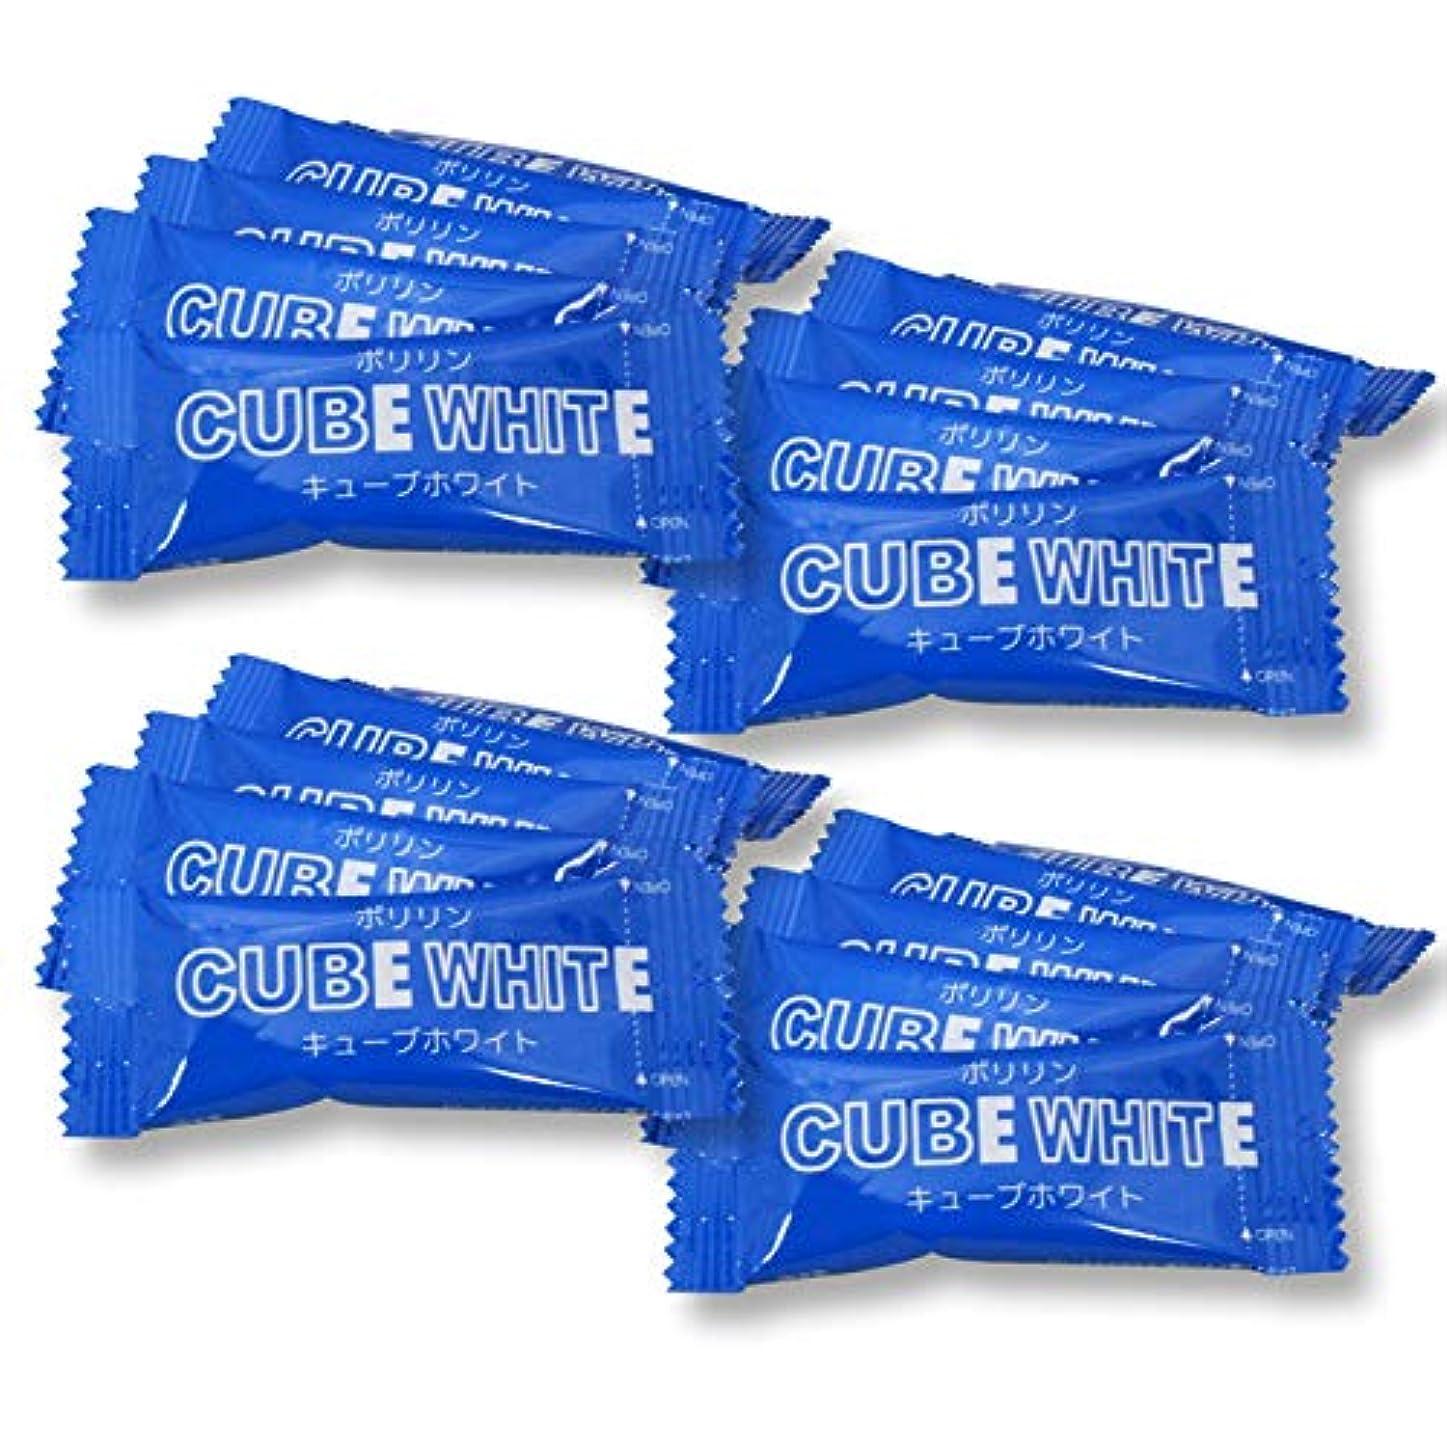 食事悪性のモバイルリジェンティス キューブホワイト 【20袋入】 歯面専用 スポンジ 歯 ブラシ 付き ホワイトニング 歯磨き